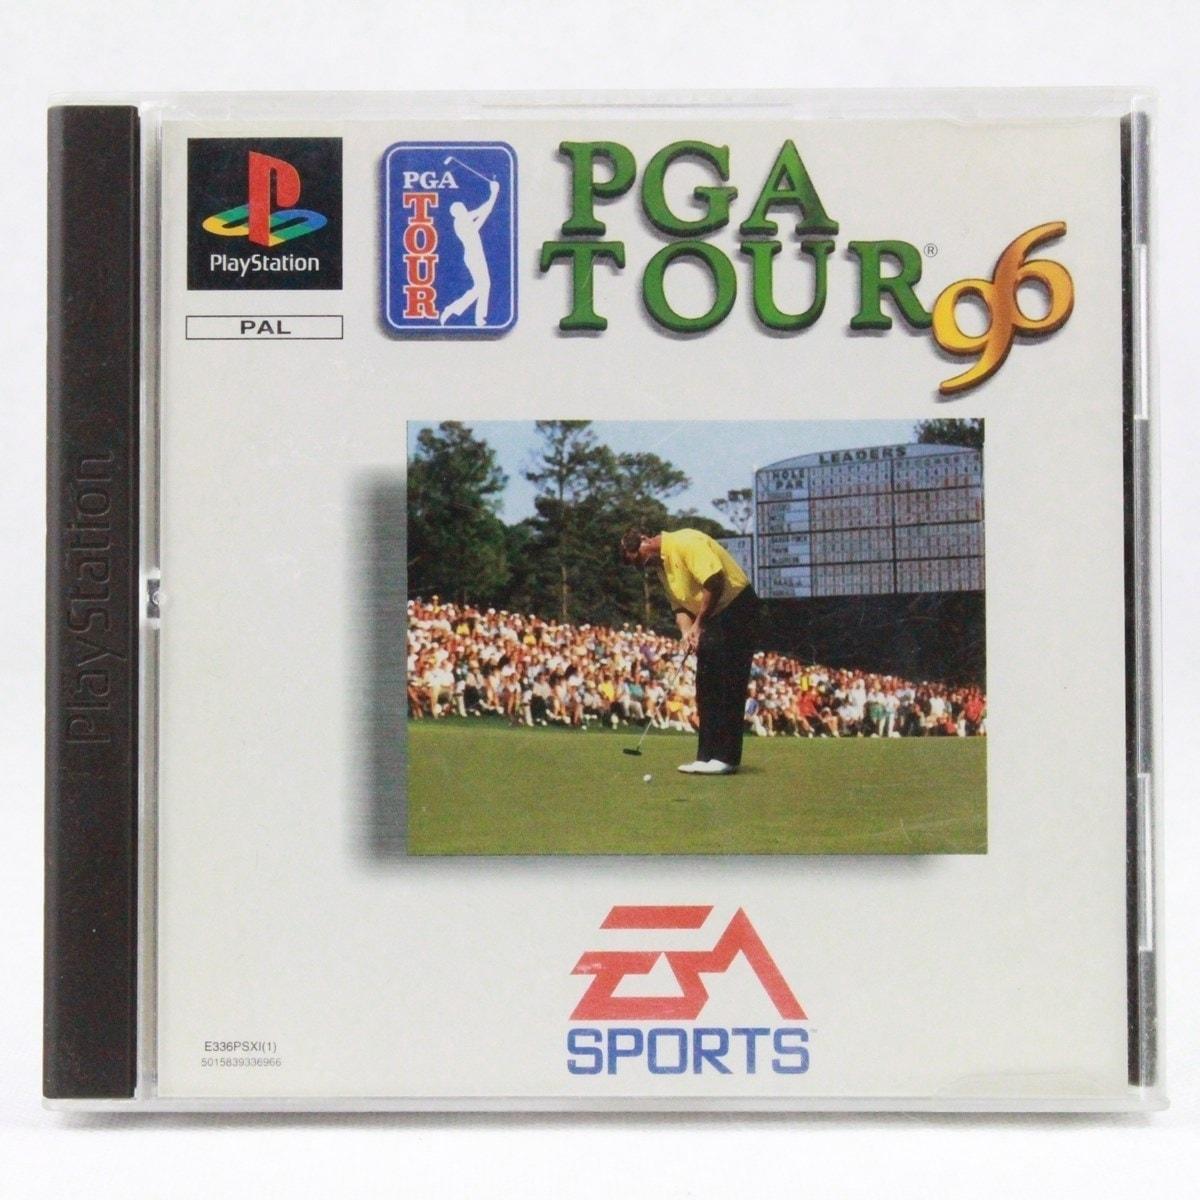 PGA Tour 96 (PS1)